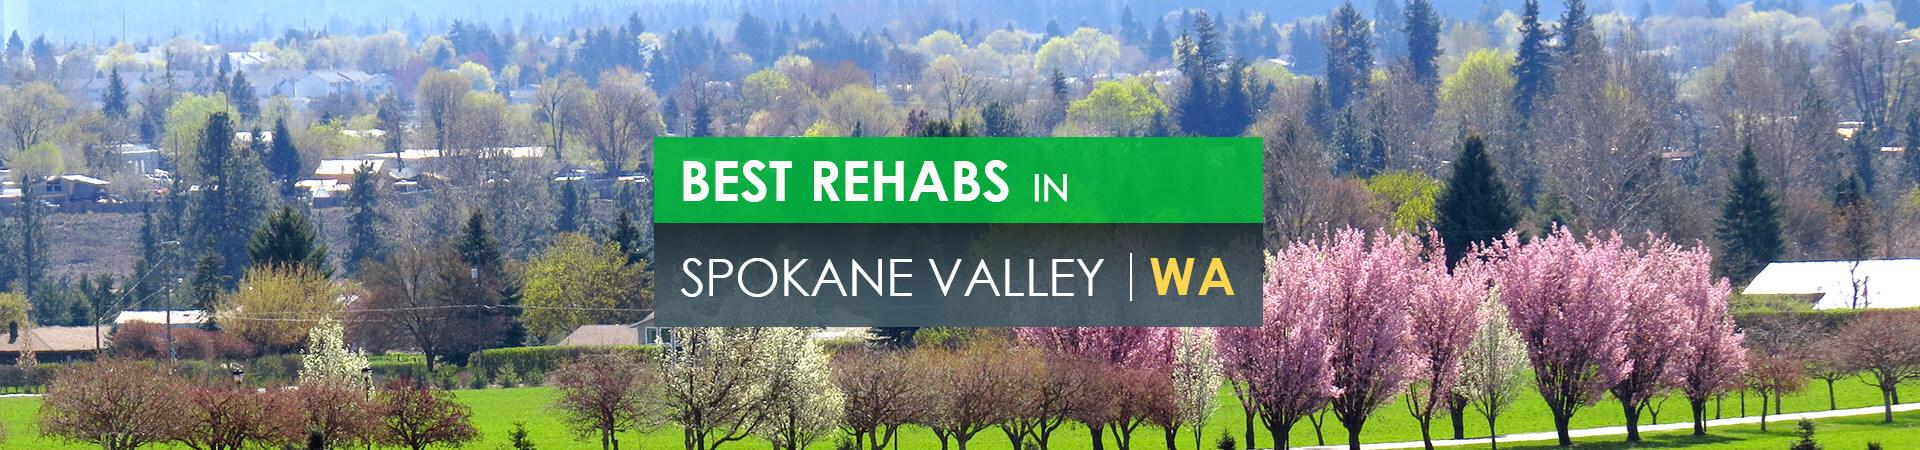 Best rehabs in Spokane Valley, WA